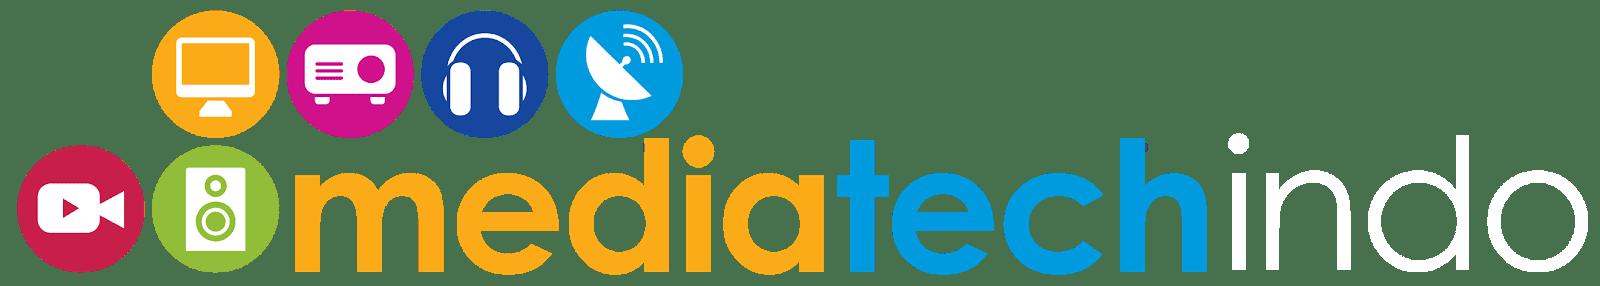 Mediatechindo | Digital Media Information